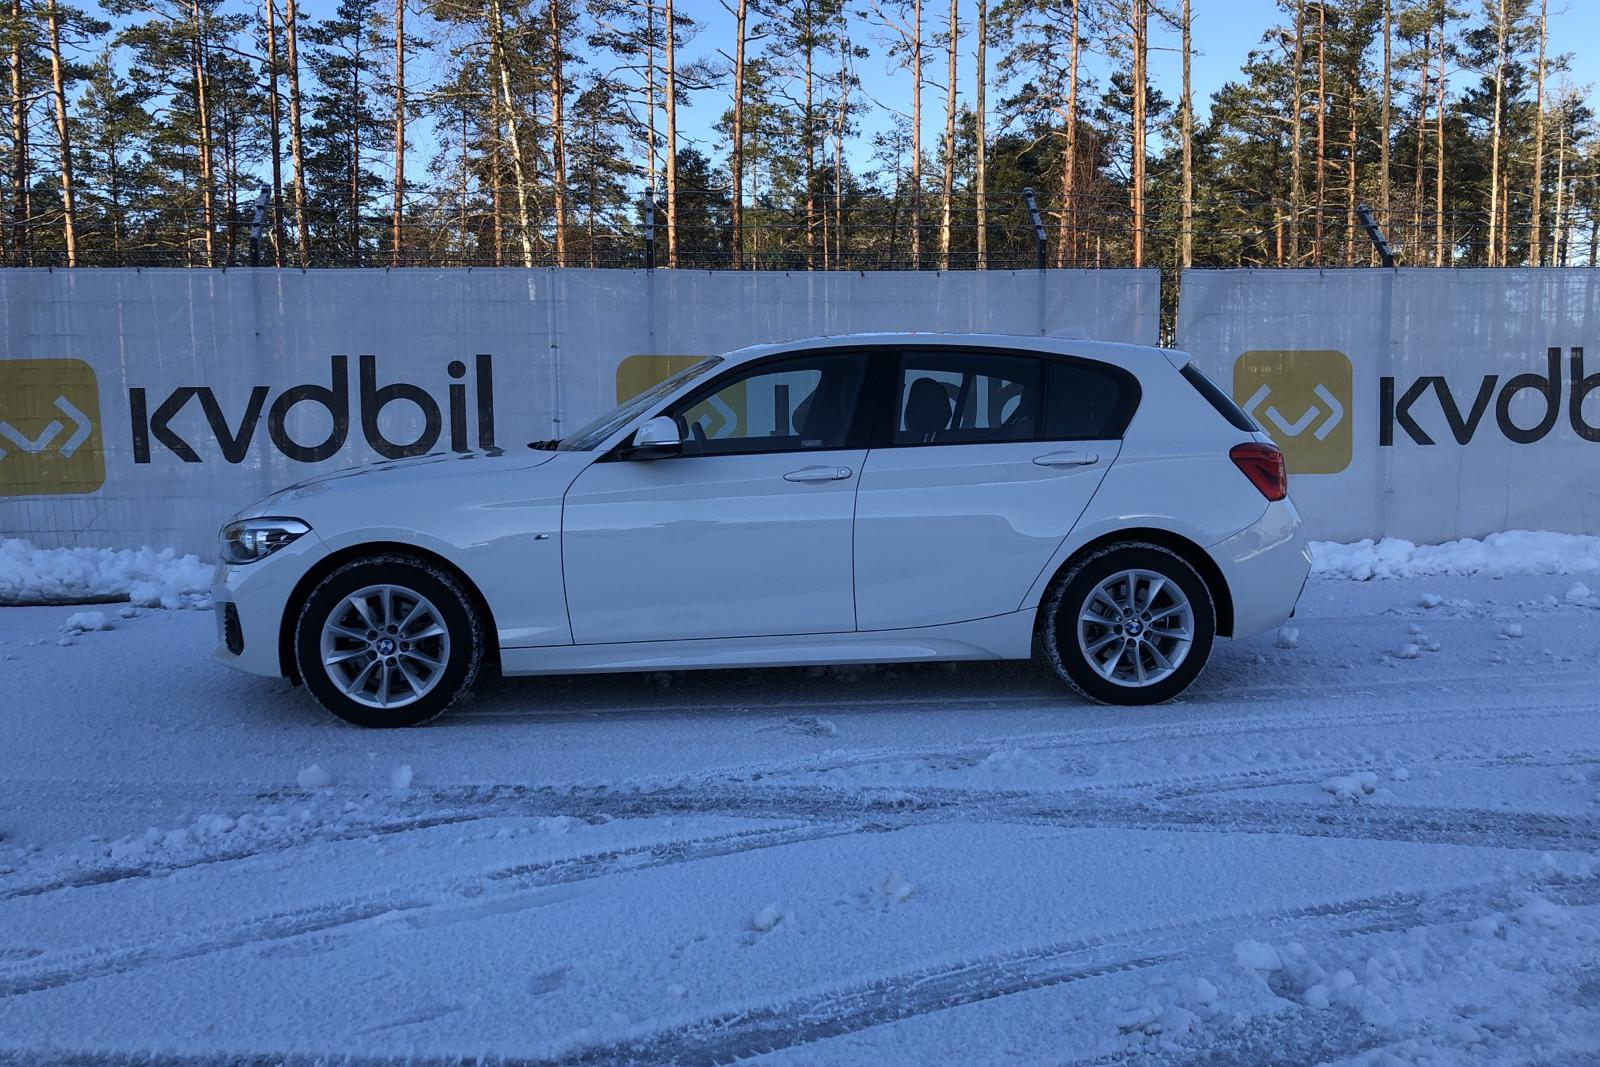 BMW 120d xDrive 5dr, F20 (190hk) - 29 620 km - Automatic - white - 2019